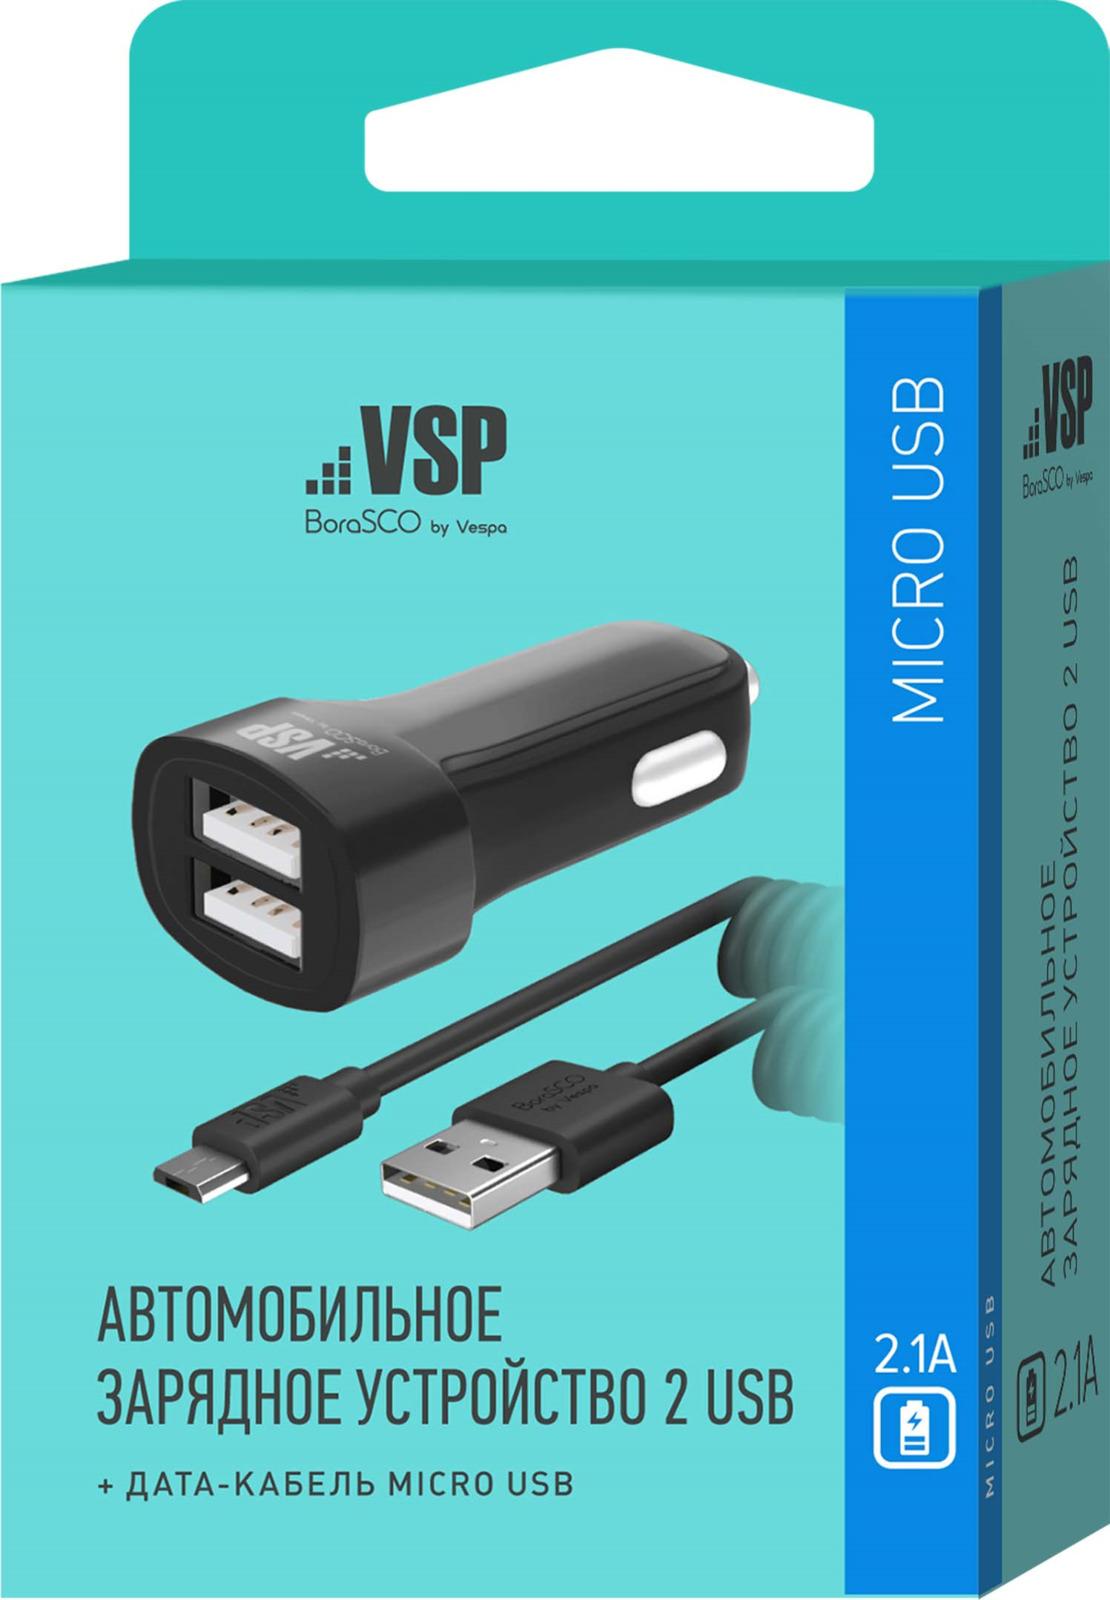 Автомобильное зарядное устройство Borasco by Vespa, 2 USB, 2,1 A + Дата-кабель micro USB, 2 м, 20637, черный крем для глаз от морщин со змеиным ядом 30 мл kueshi